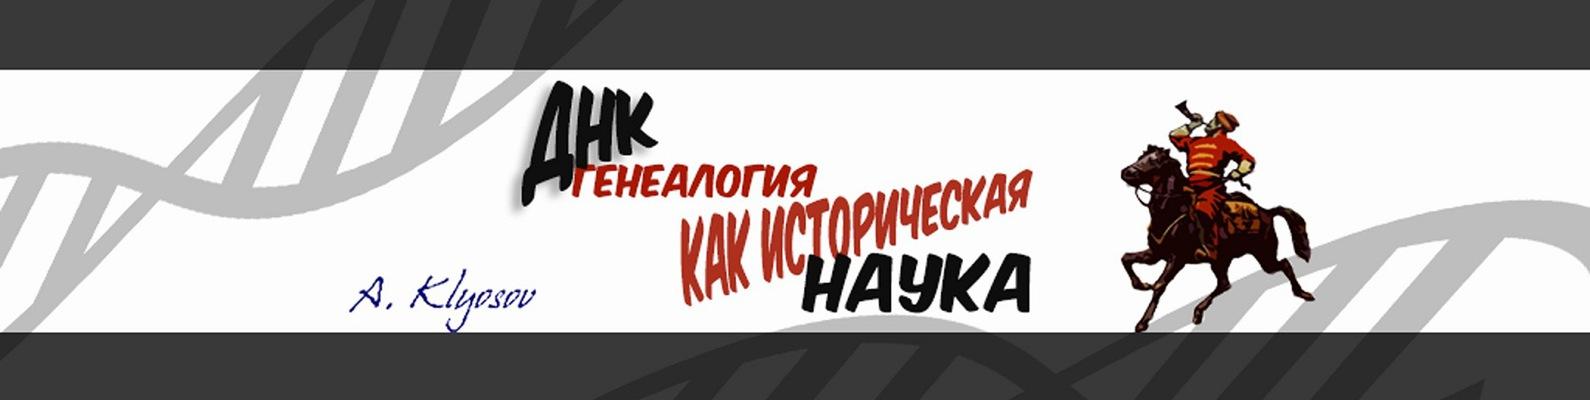 Казино новое вулкан Гусь Хрустальный установить